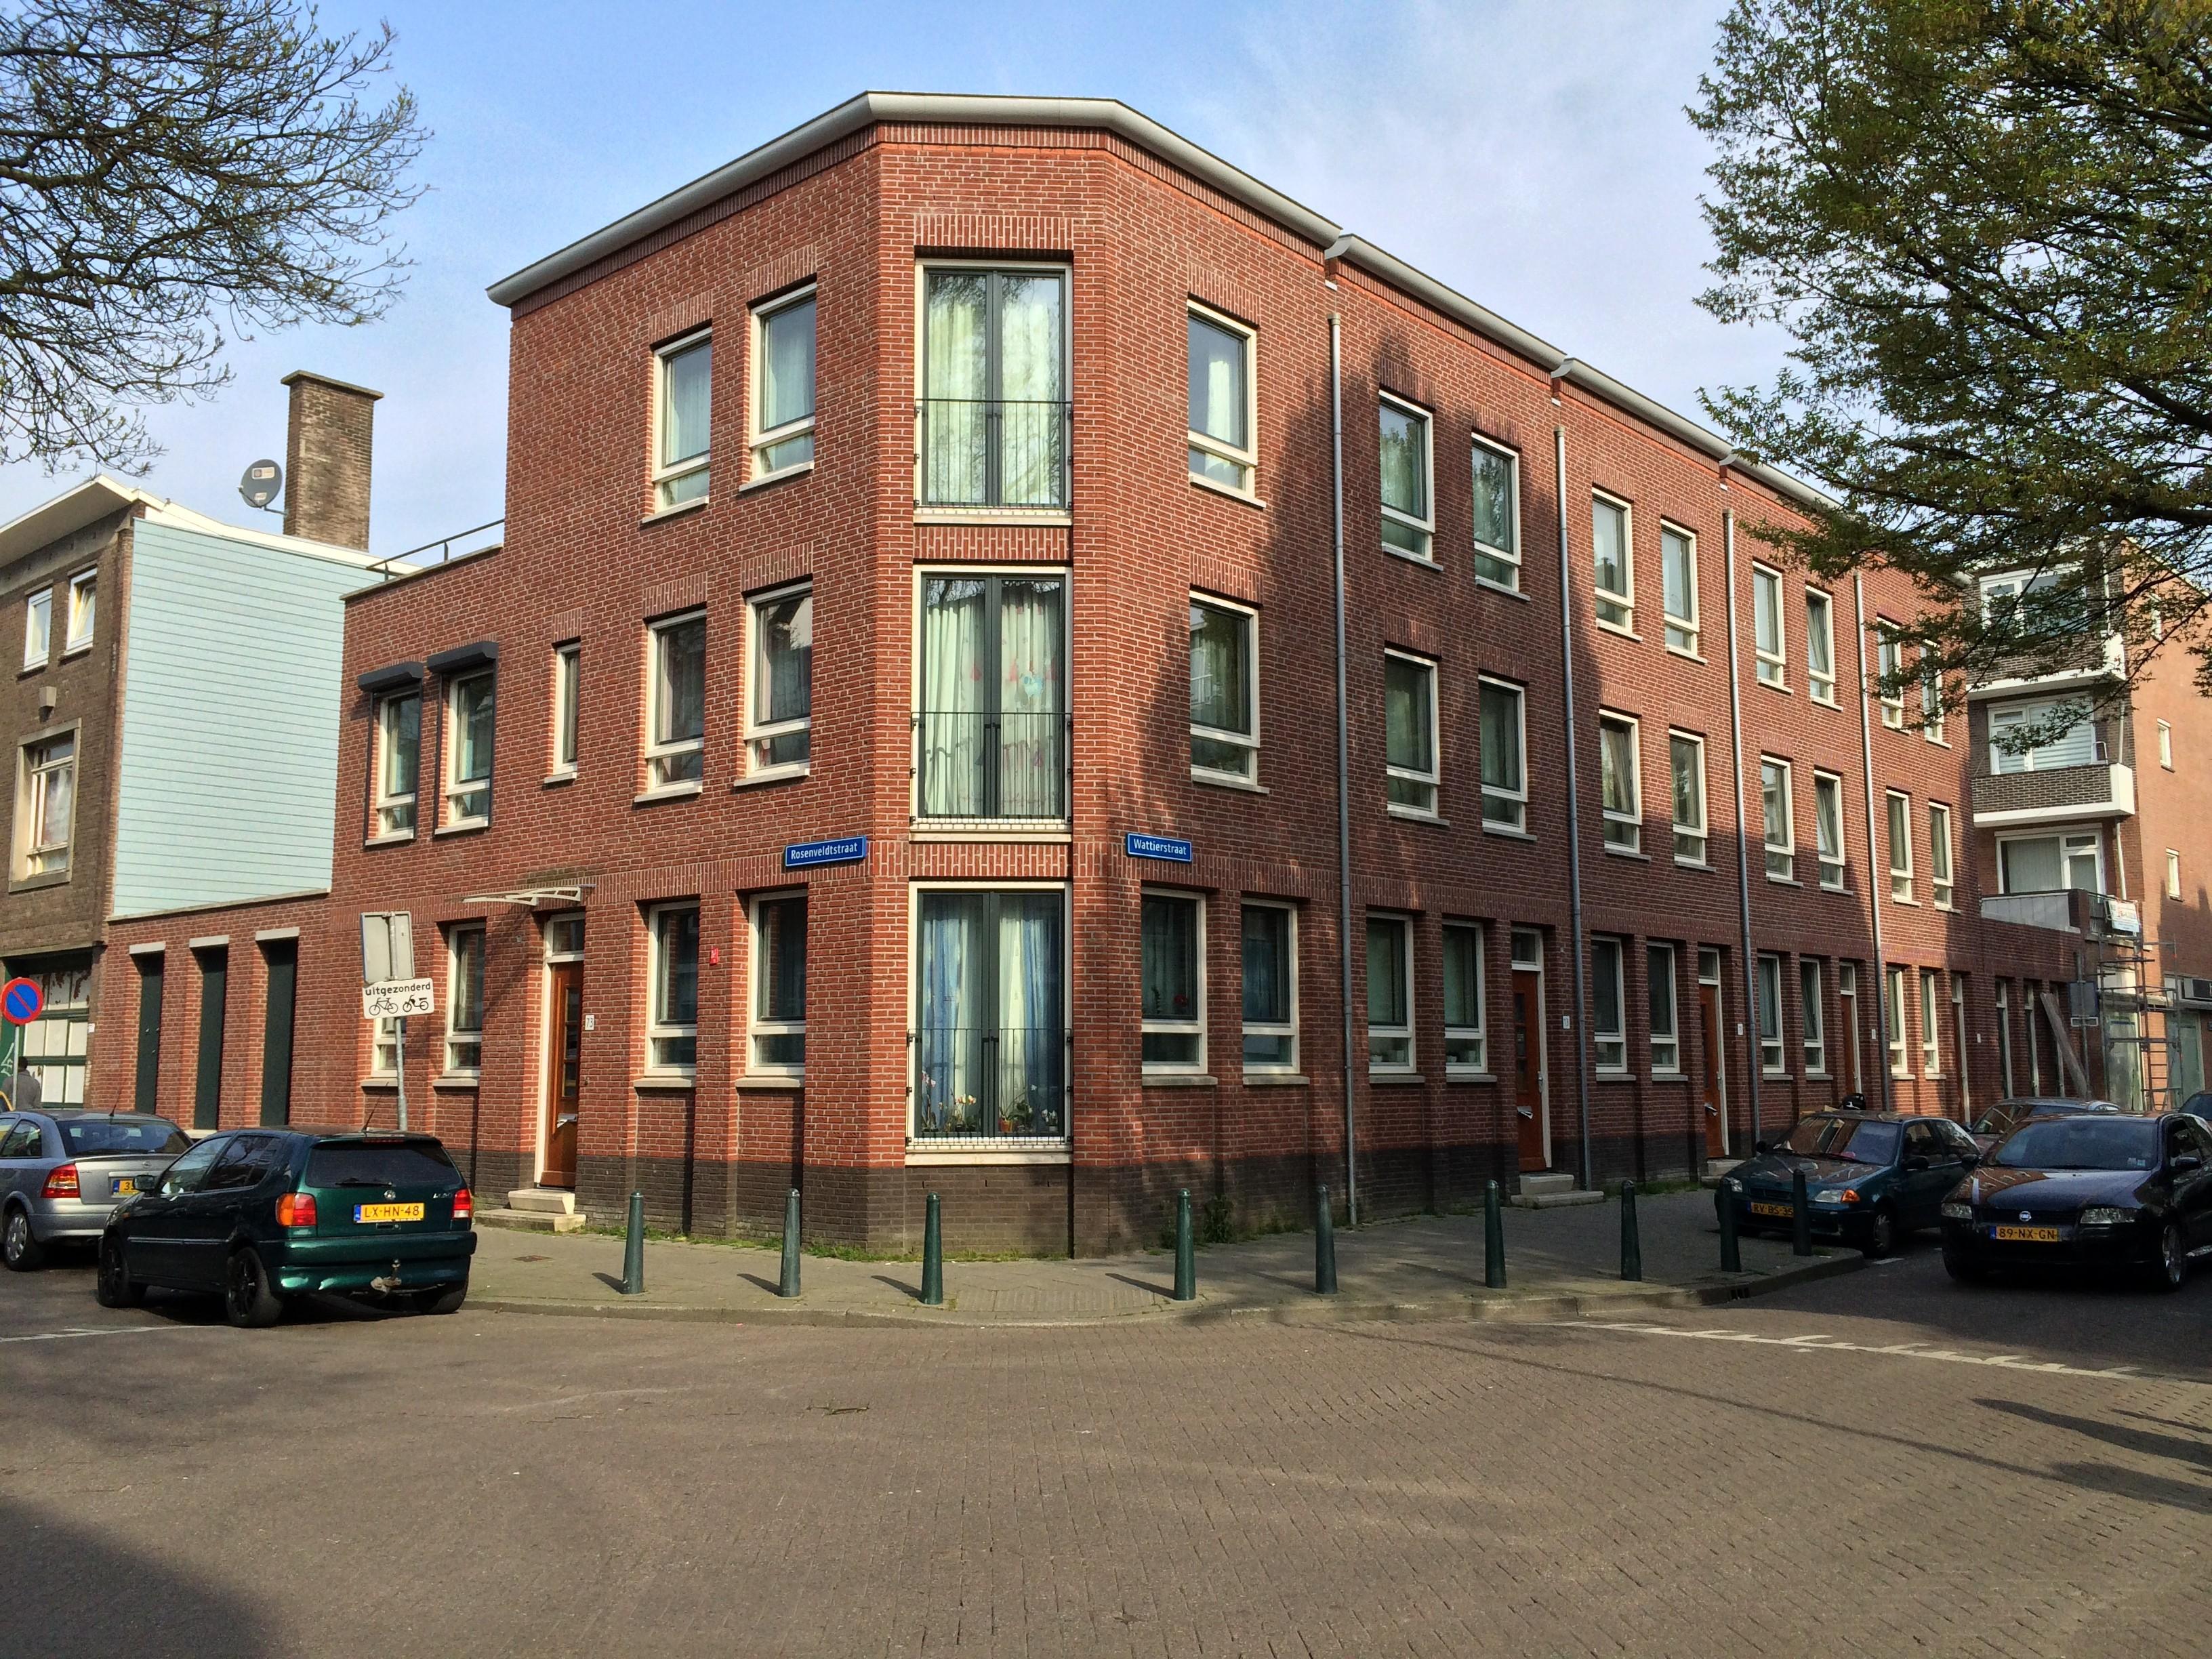 BKT_Havensteder_BAM_wattierstraat_Rotterdam_nieuwbouw_herenhuizen_Delfshaven_Lean_herstructurering_01.jpg